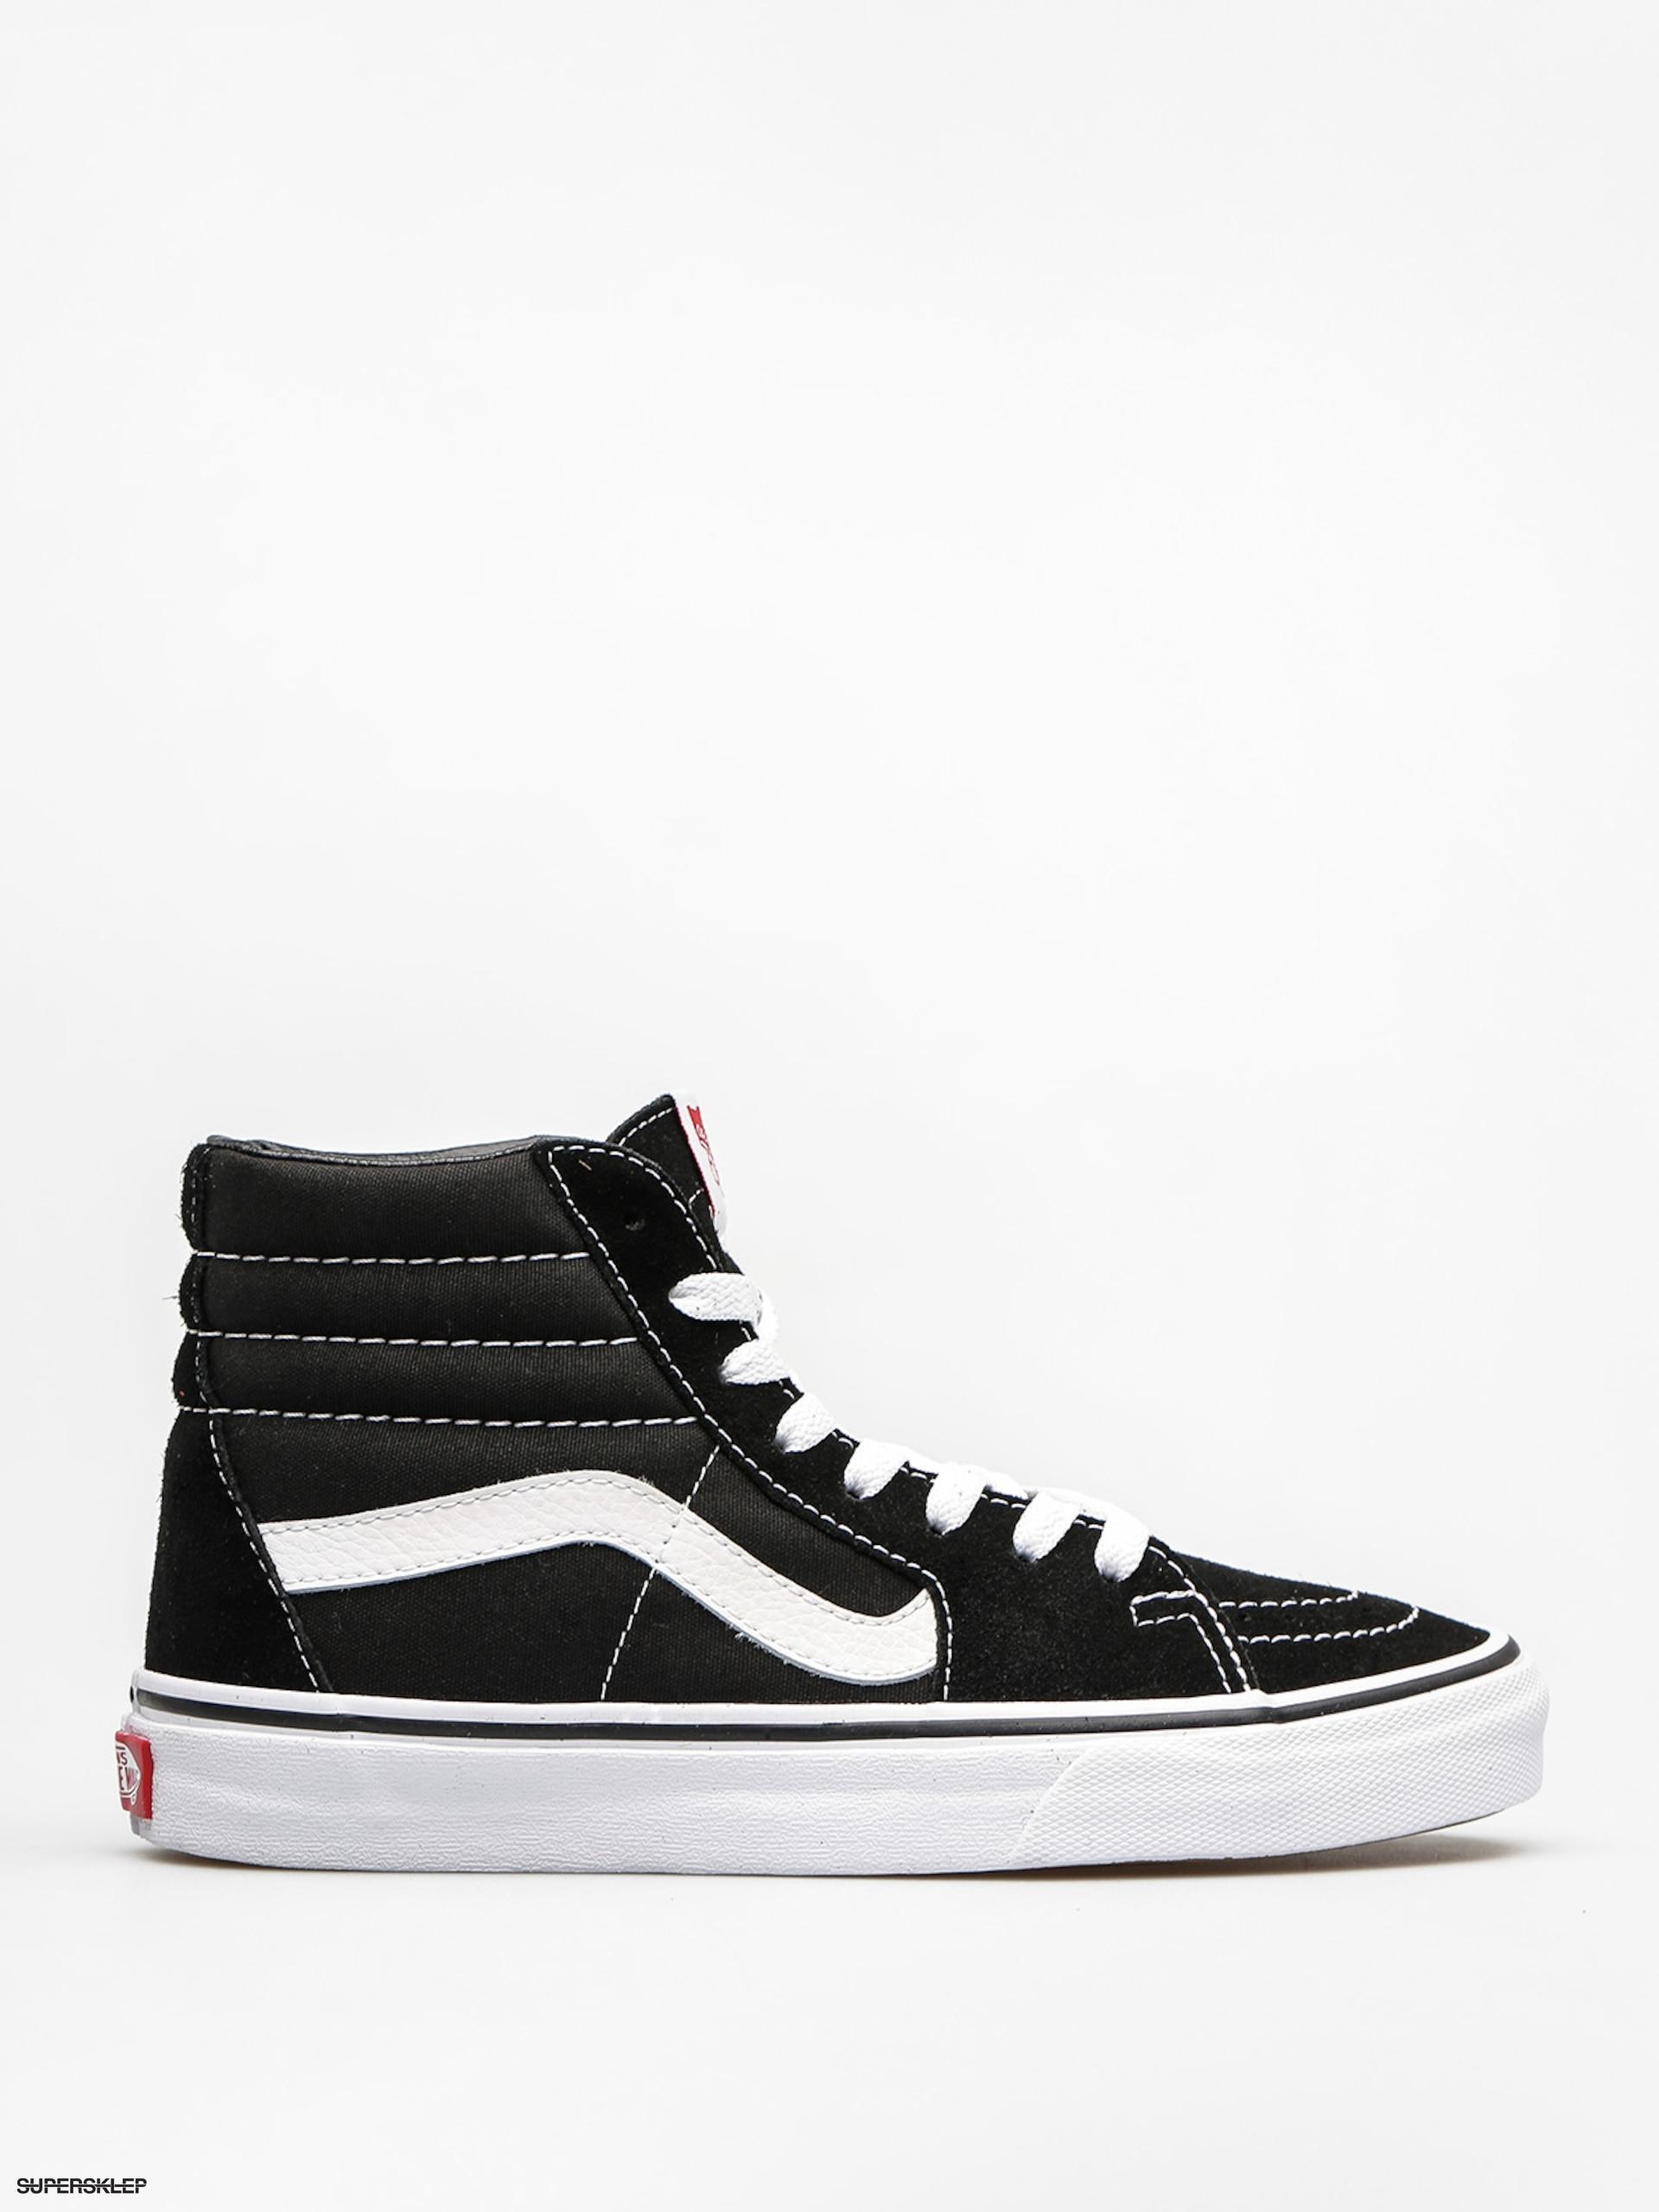 Boty Vans Sk8 Hi (black black white) 81cfa4f41c0